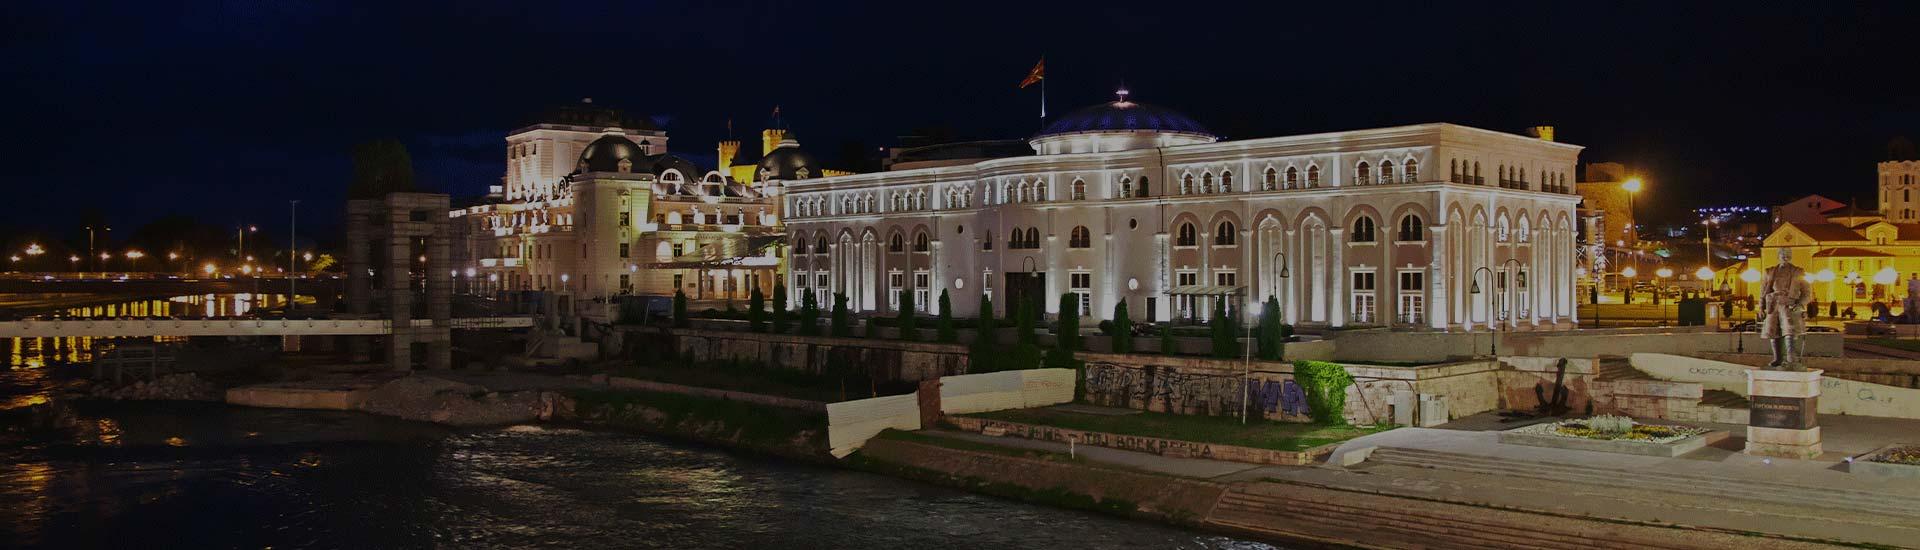 Spedition-Mazedonien-Logistikunternehmen